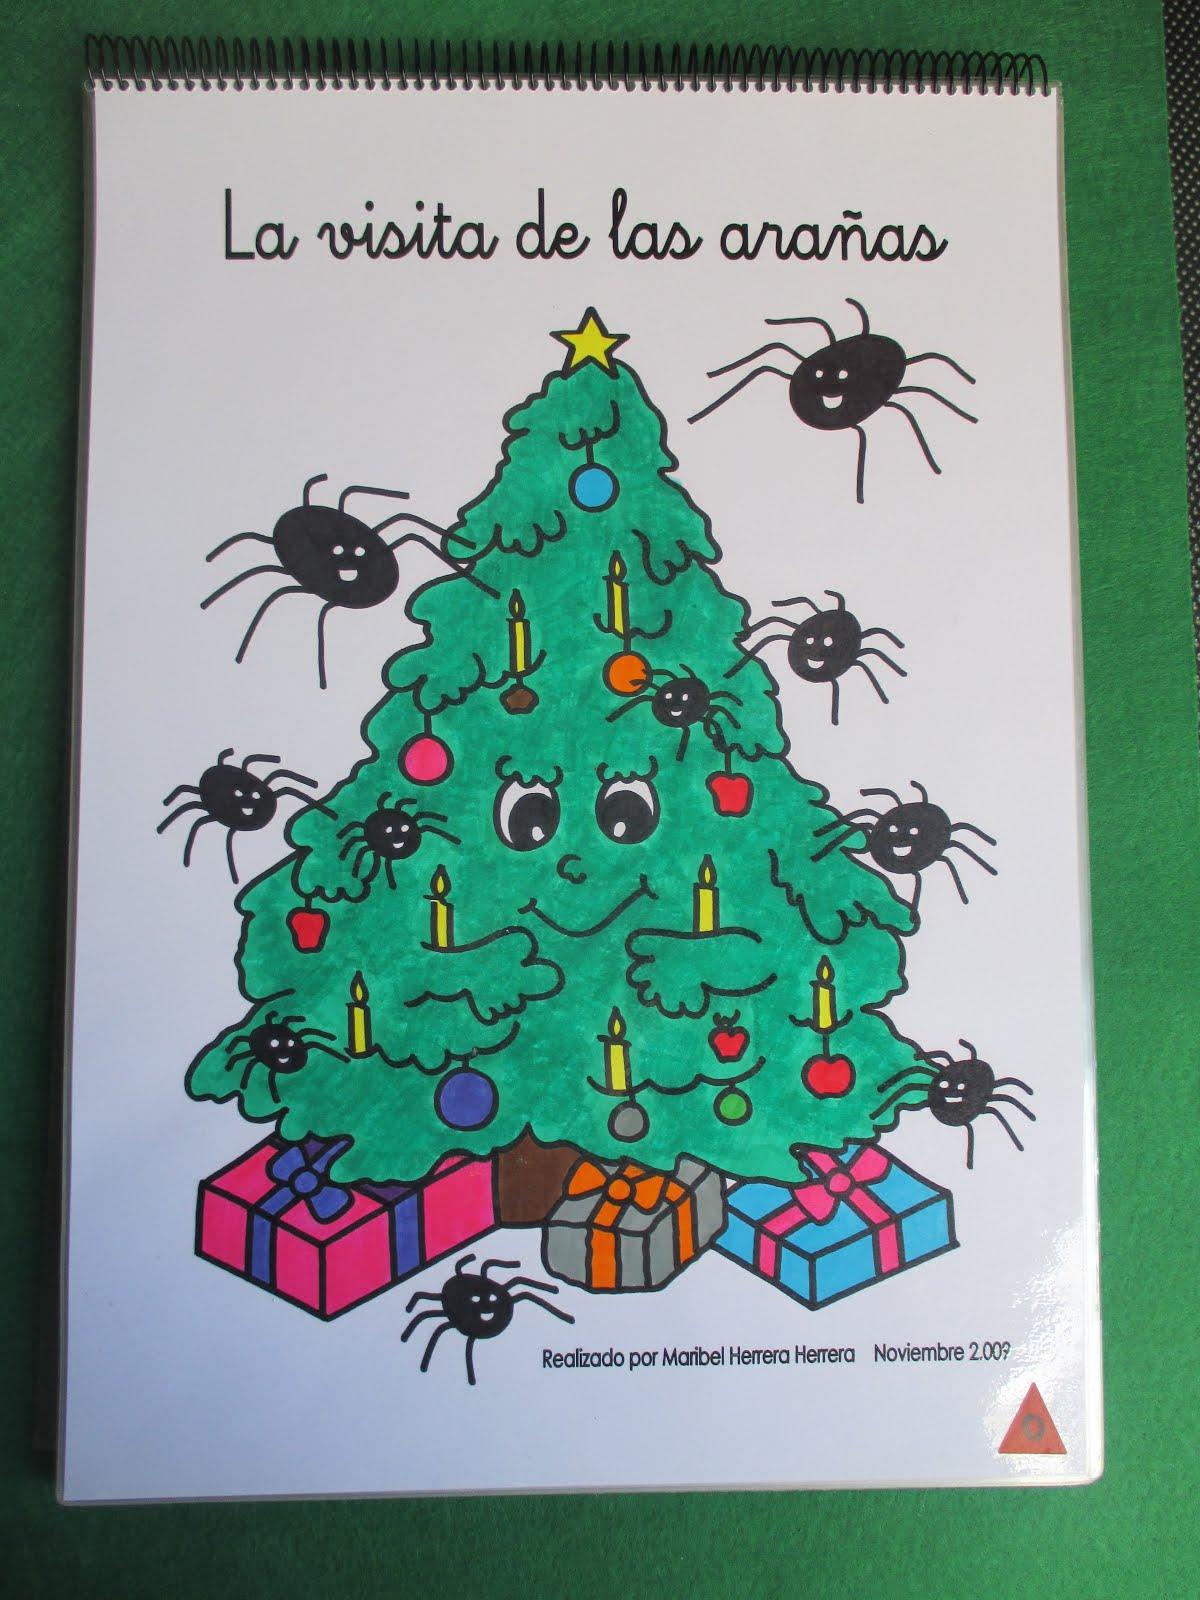 Escuela con vida cuento de navidad la visita de las ara as - Cuento del arbol de navidad ...